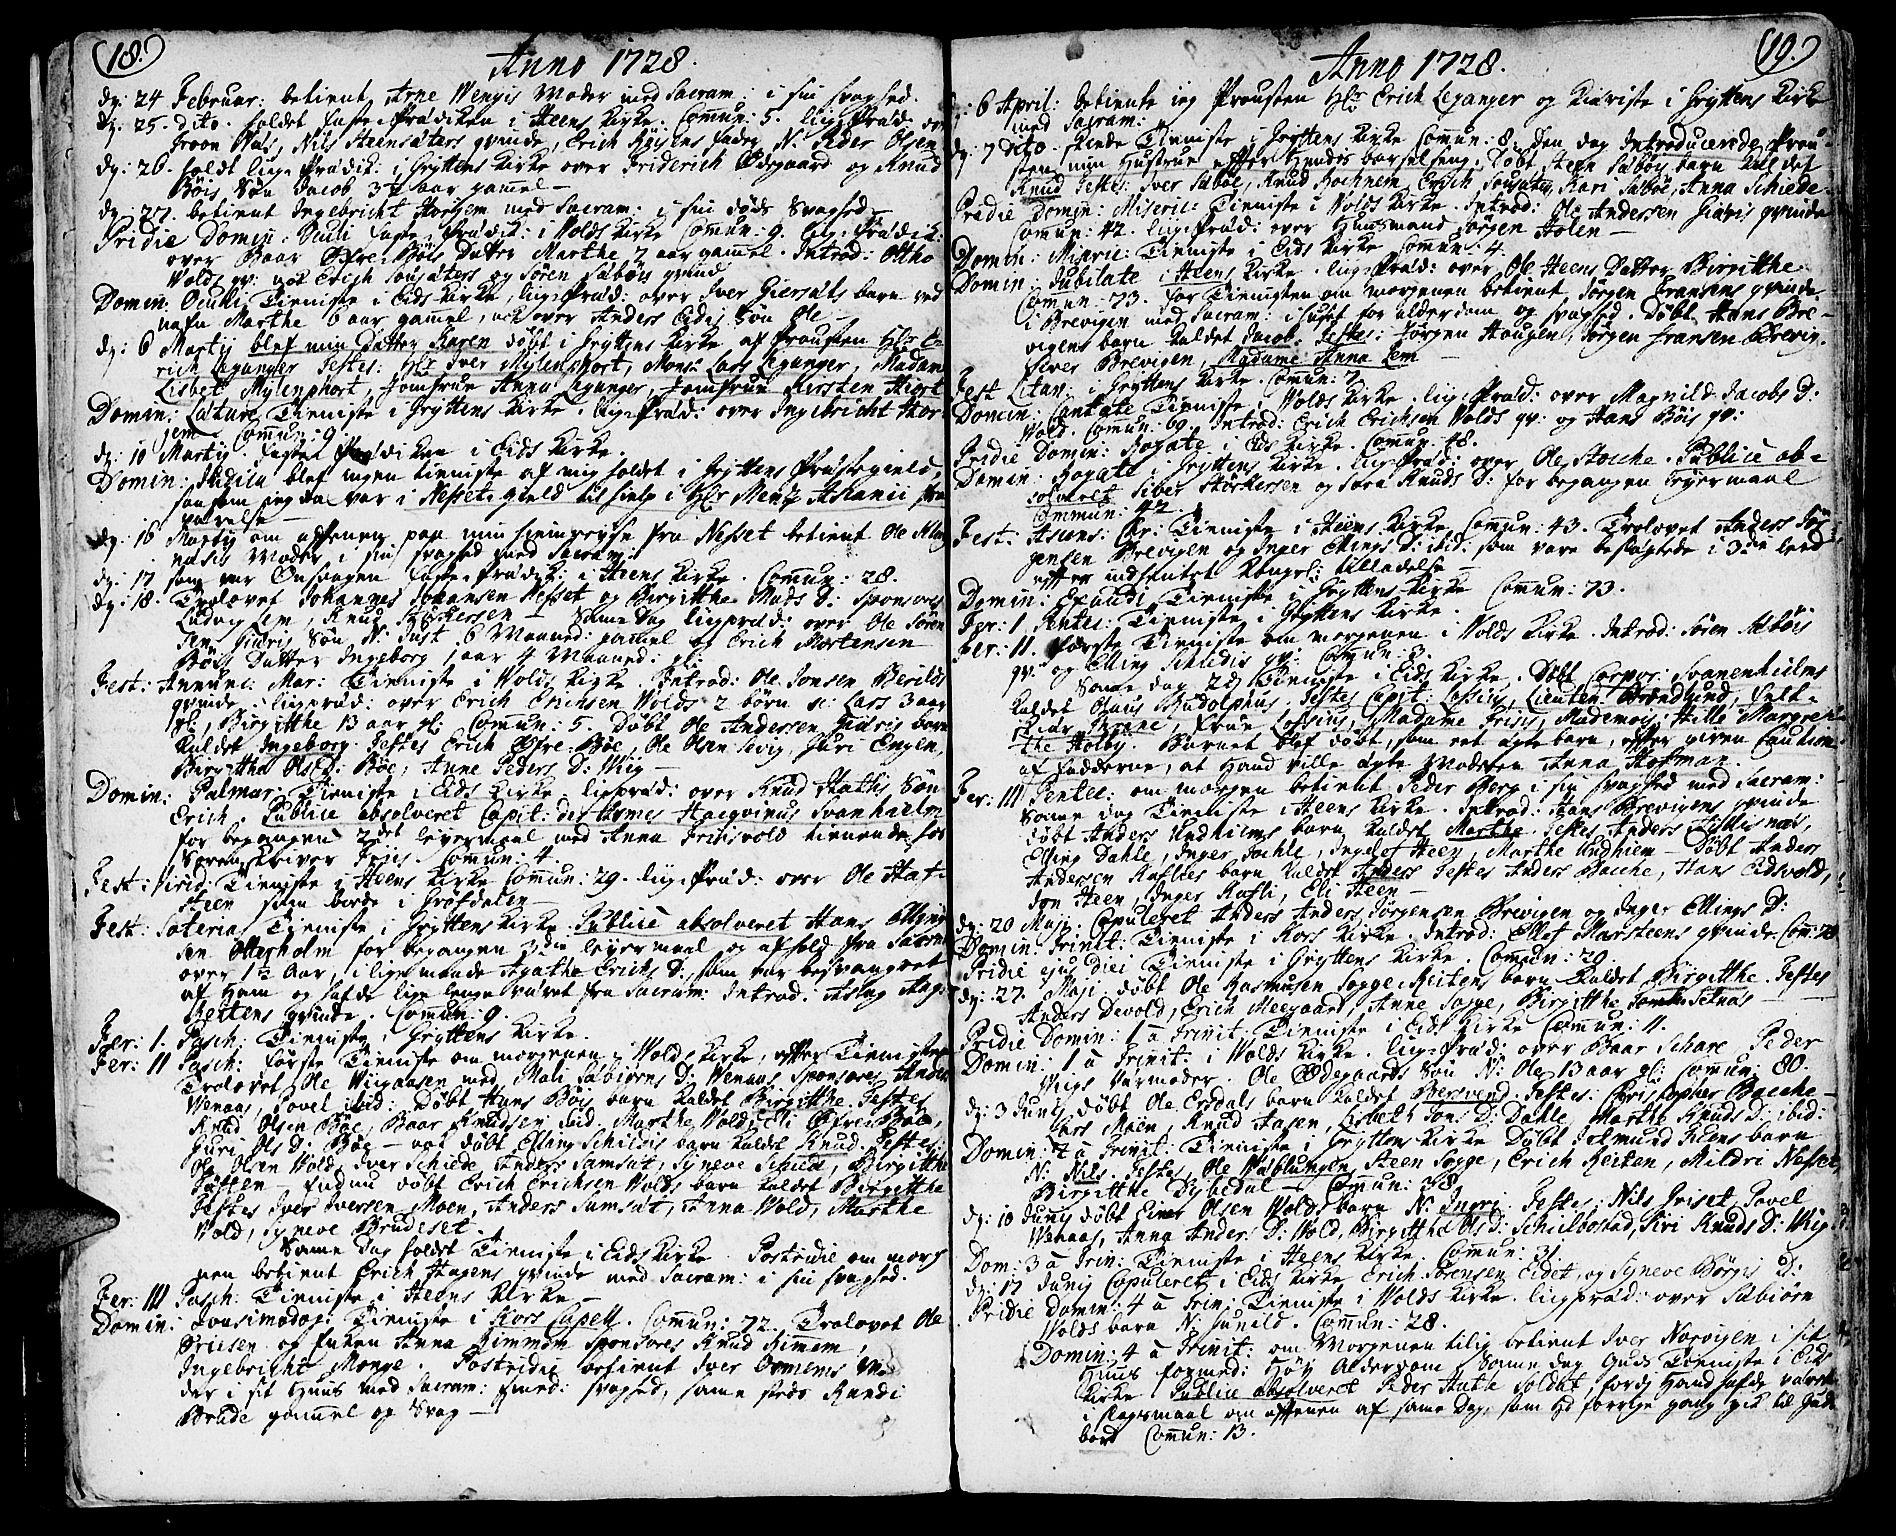 SAT, Ministerialprotokoller, klokkerbøker og fødselsregistre - Møre og Romsdal, 544/L0568: Ministerialbok nr. 544A01, 1725-1763, s. 18-19